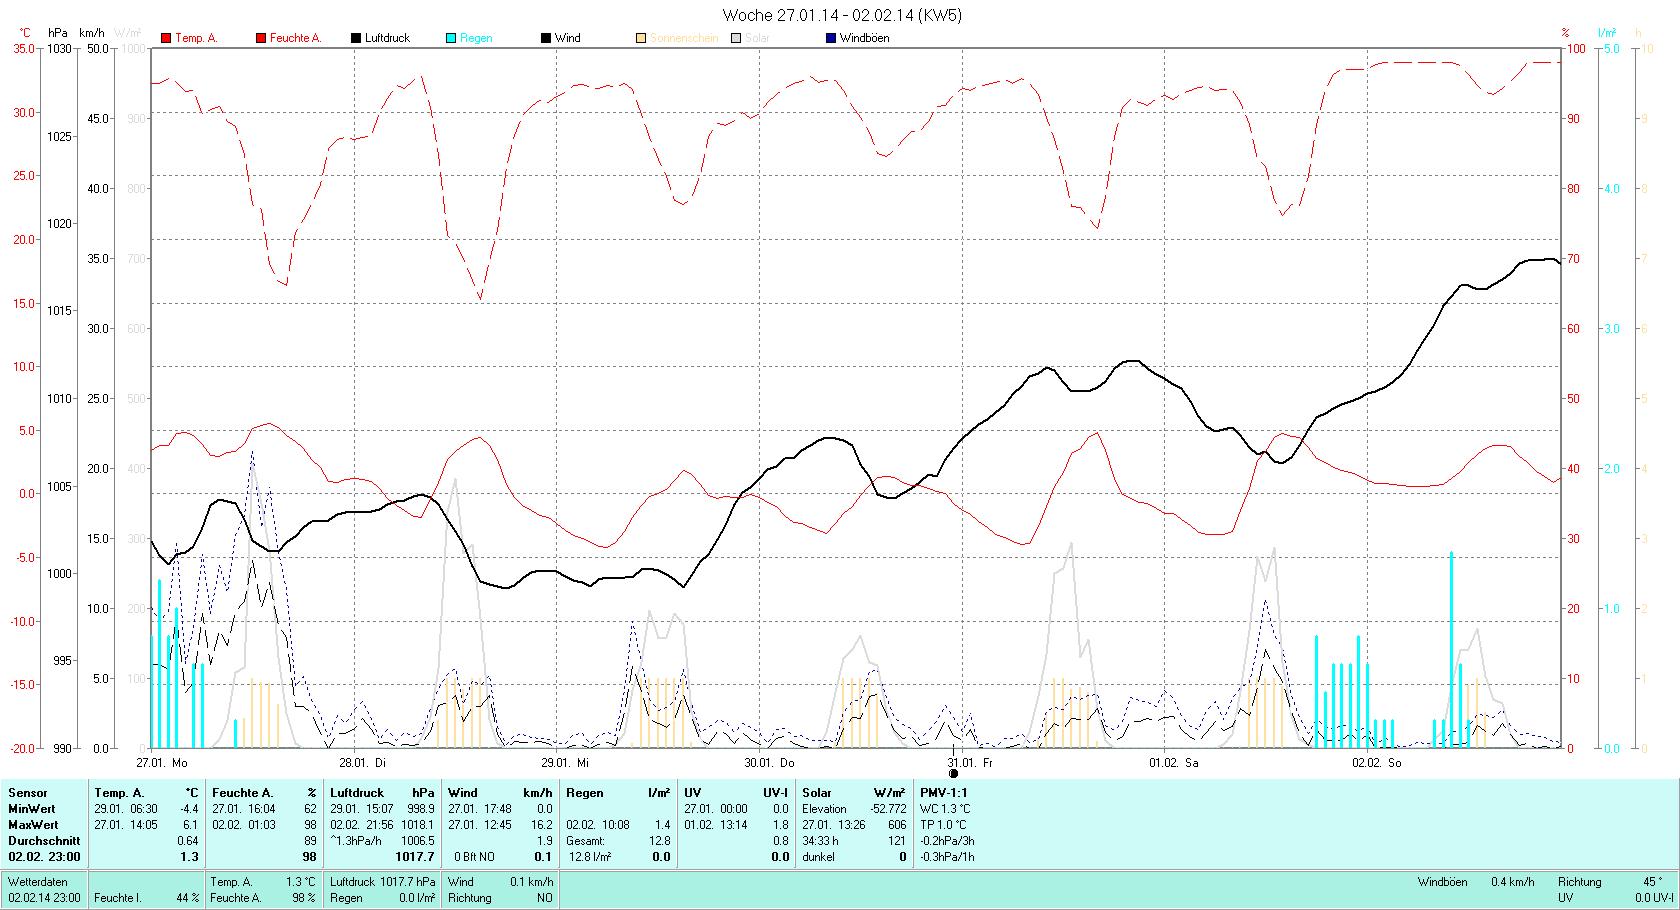 KW 05 Tmin -4.4°C, Tmax 6.1°C, Sonne 34:33h, Niederschlag 12.8mm/2